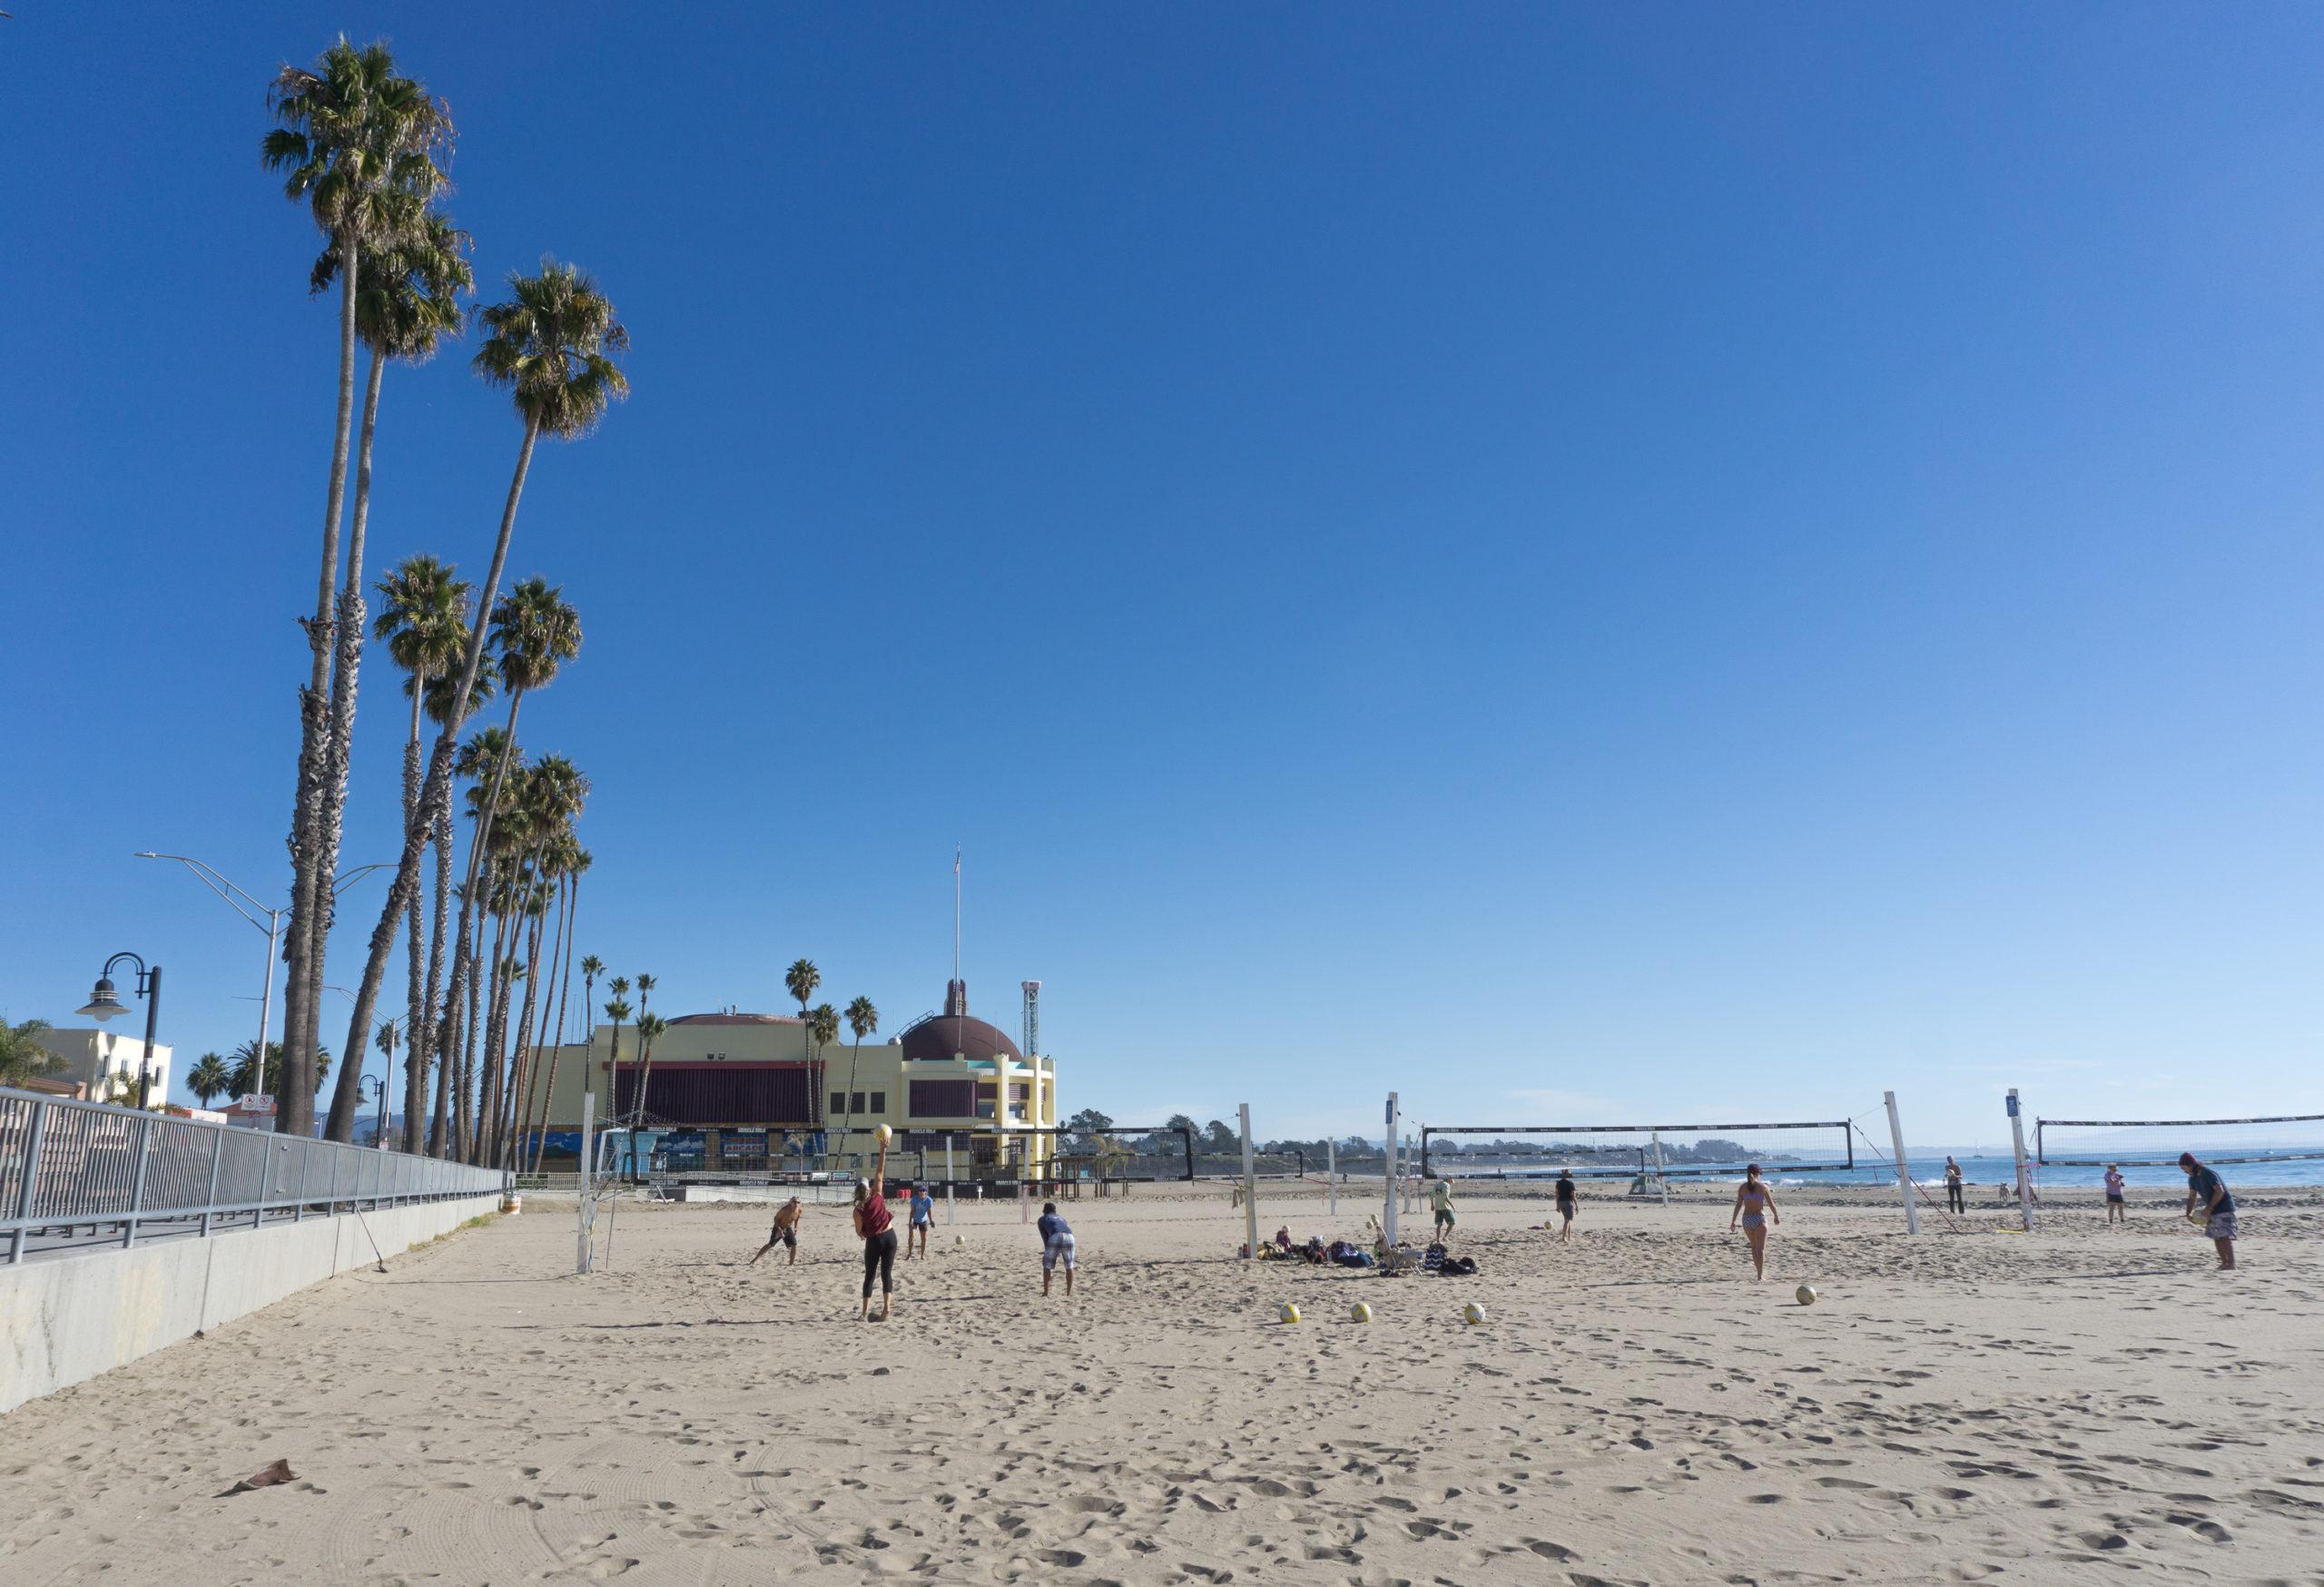 Plage de Santa Cruz, Californie, États-Unis